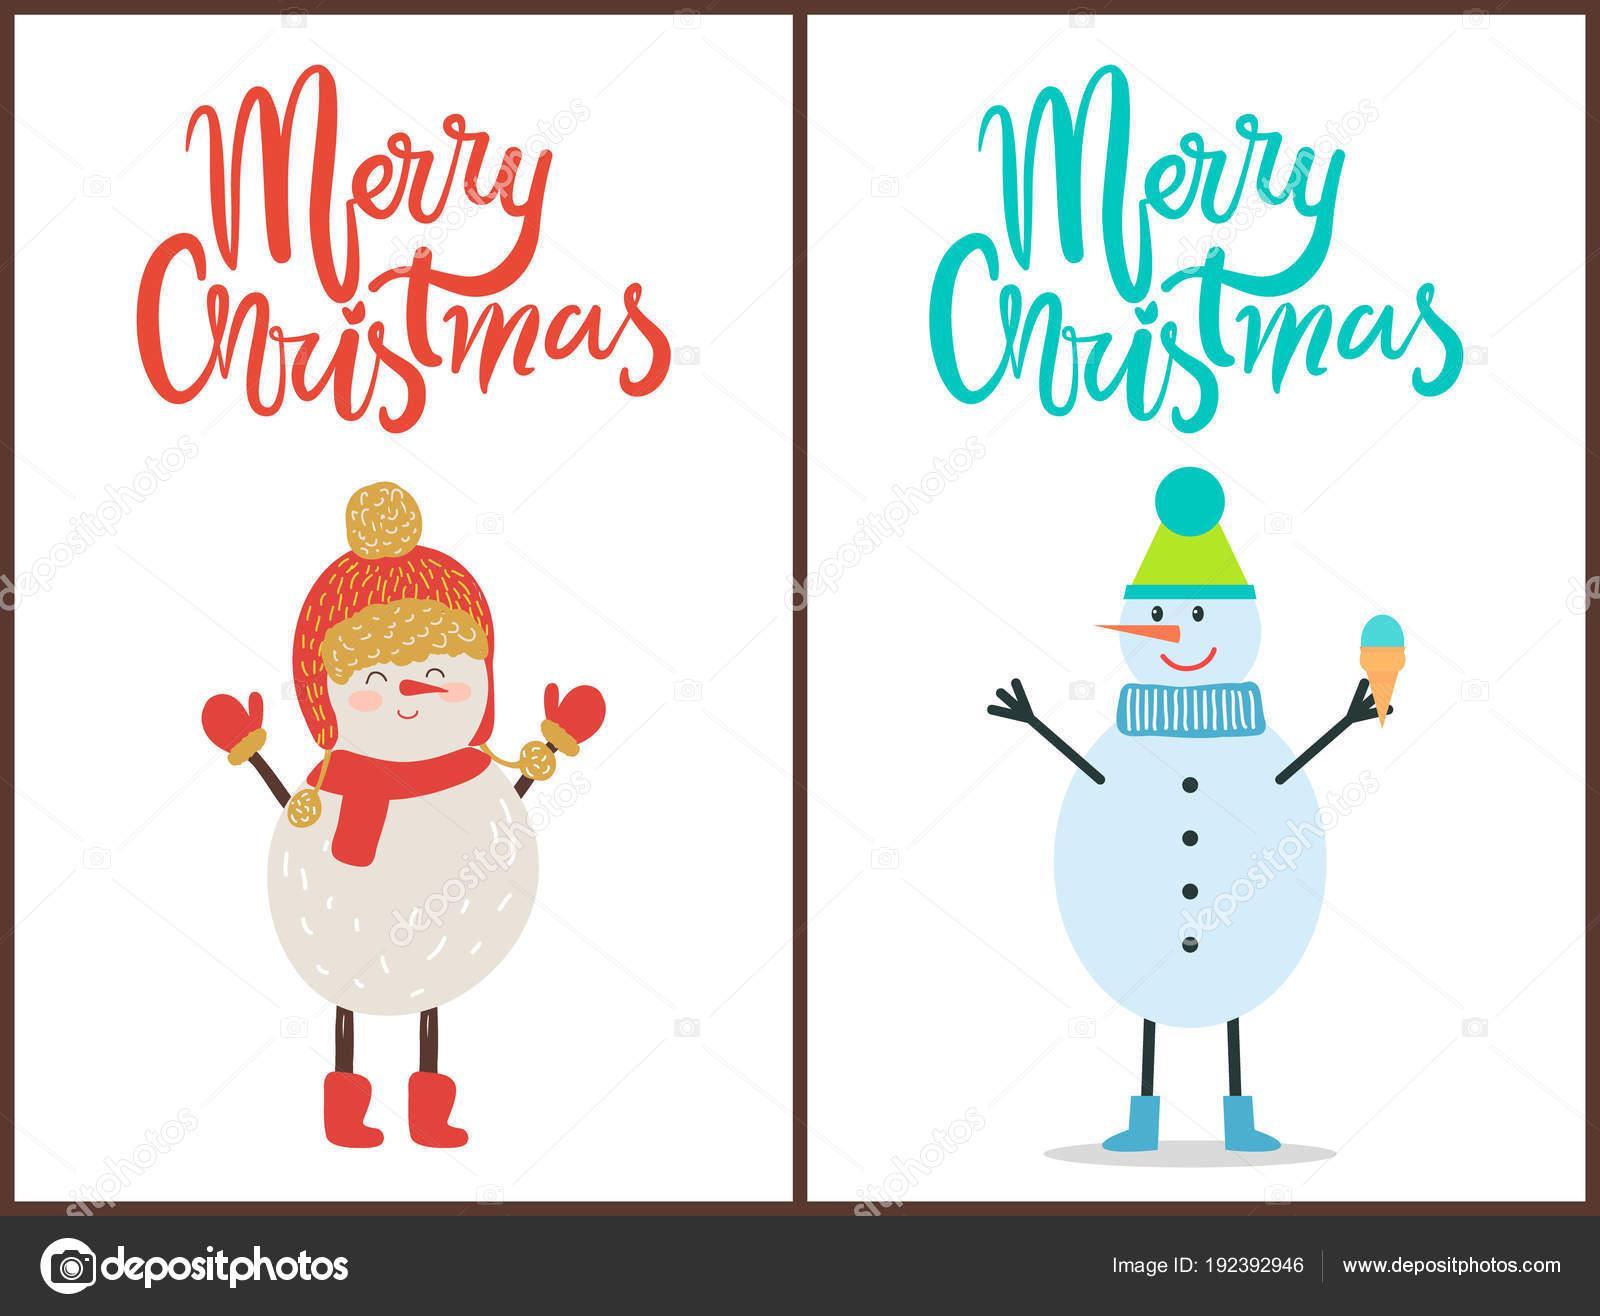 Glückwünsche Zu Weihnachten.Banner Die Glückwünsche Frohe Weihnachten Schneemann Stockvektor